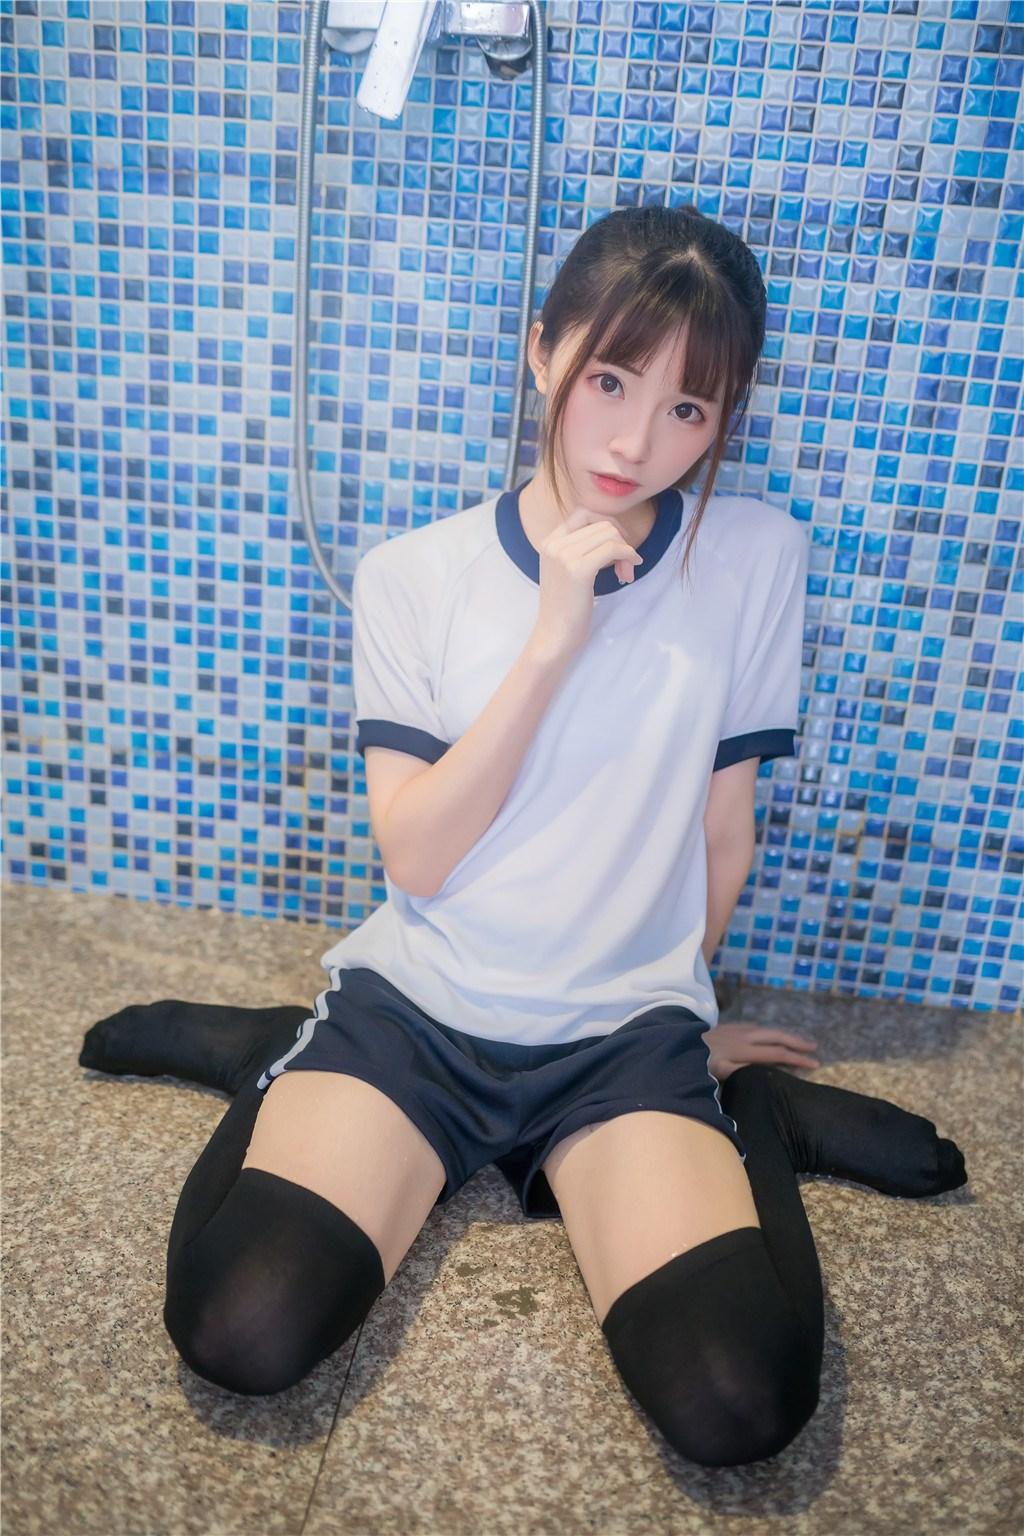 【兔玩映画】vol.20-湿身体操服 兔玩映画 第17张